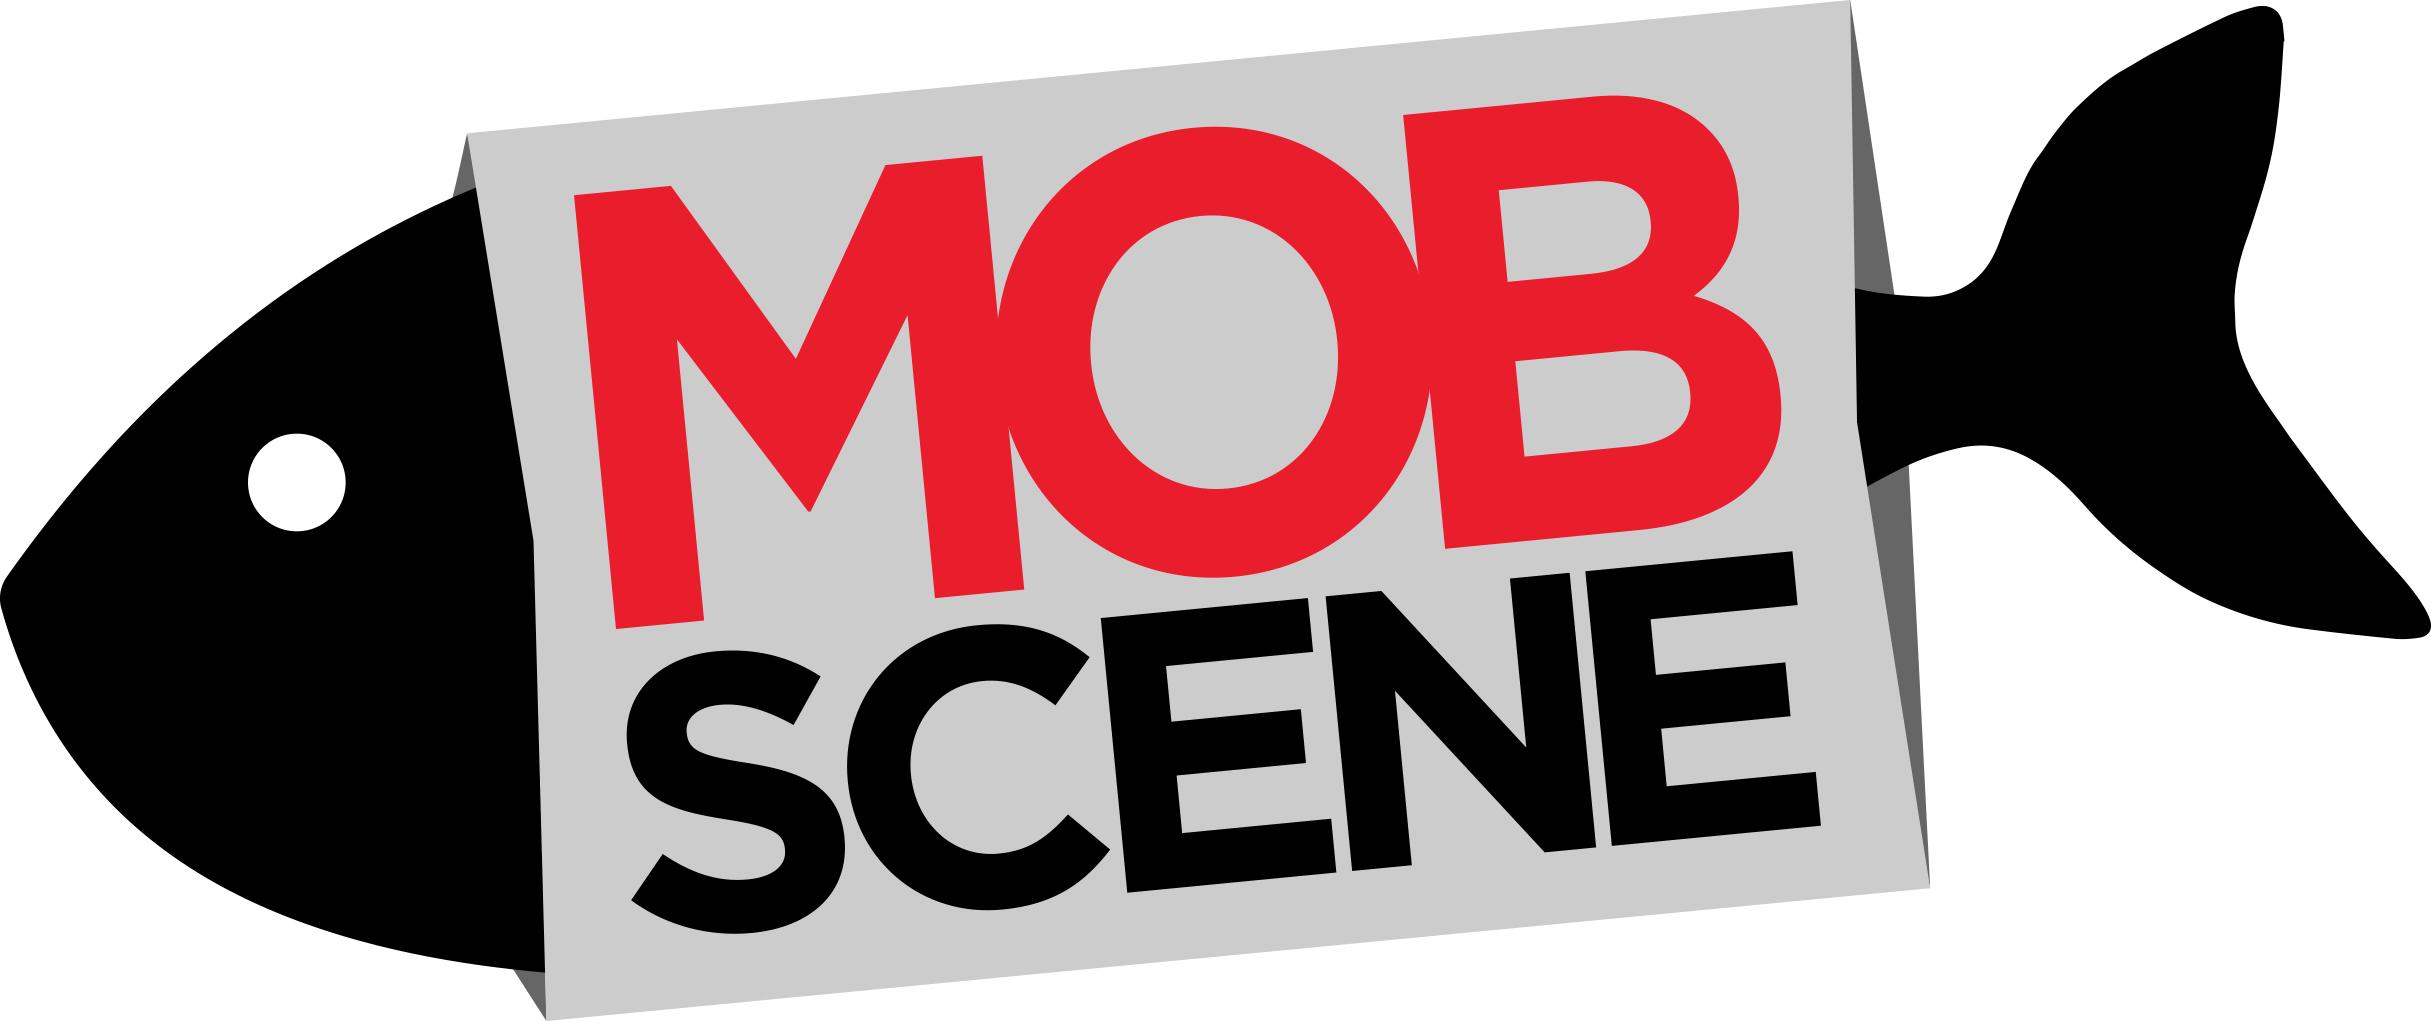 mob-scene-logo.jpg